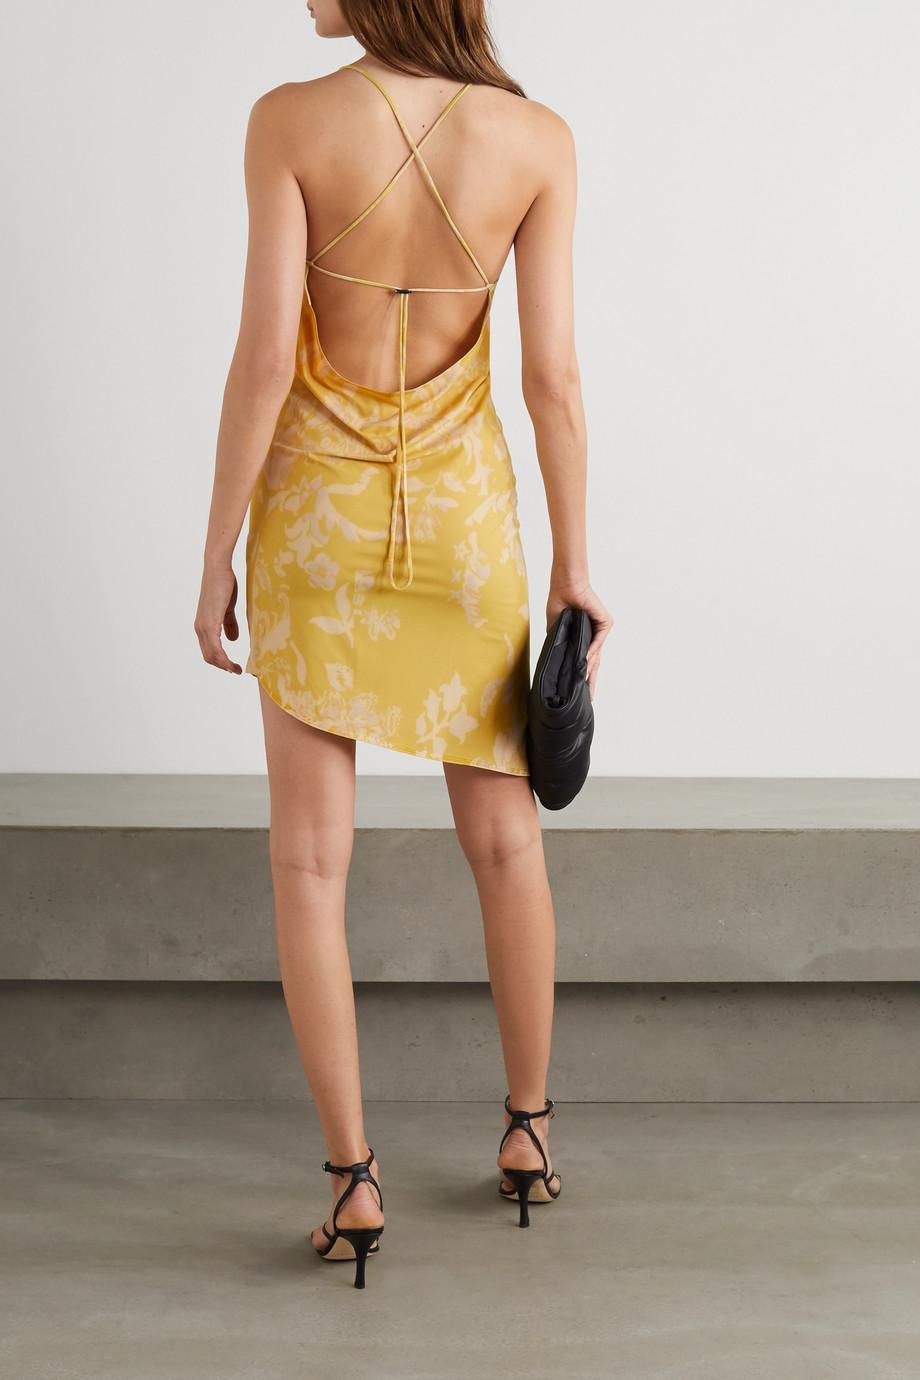 Fashion Forms Voluptuous U-Plunge selbstklebender, rückenfreier, trägerloser BH